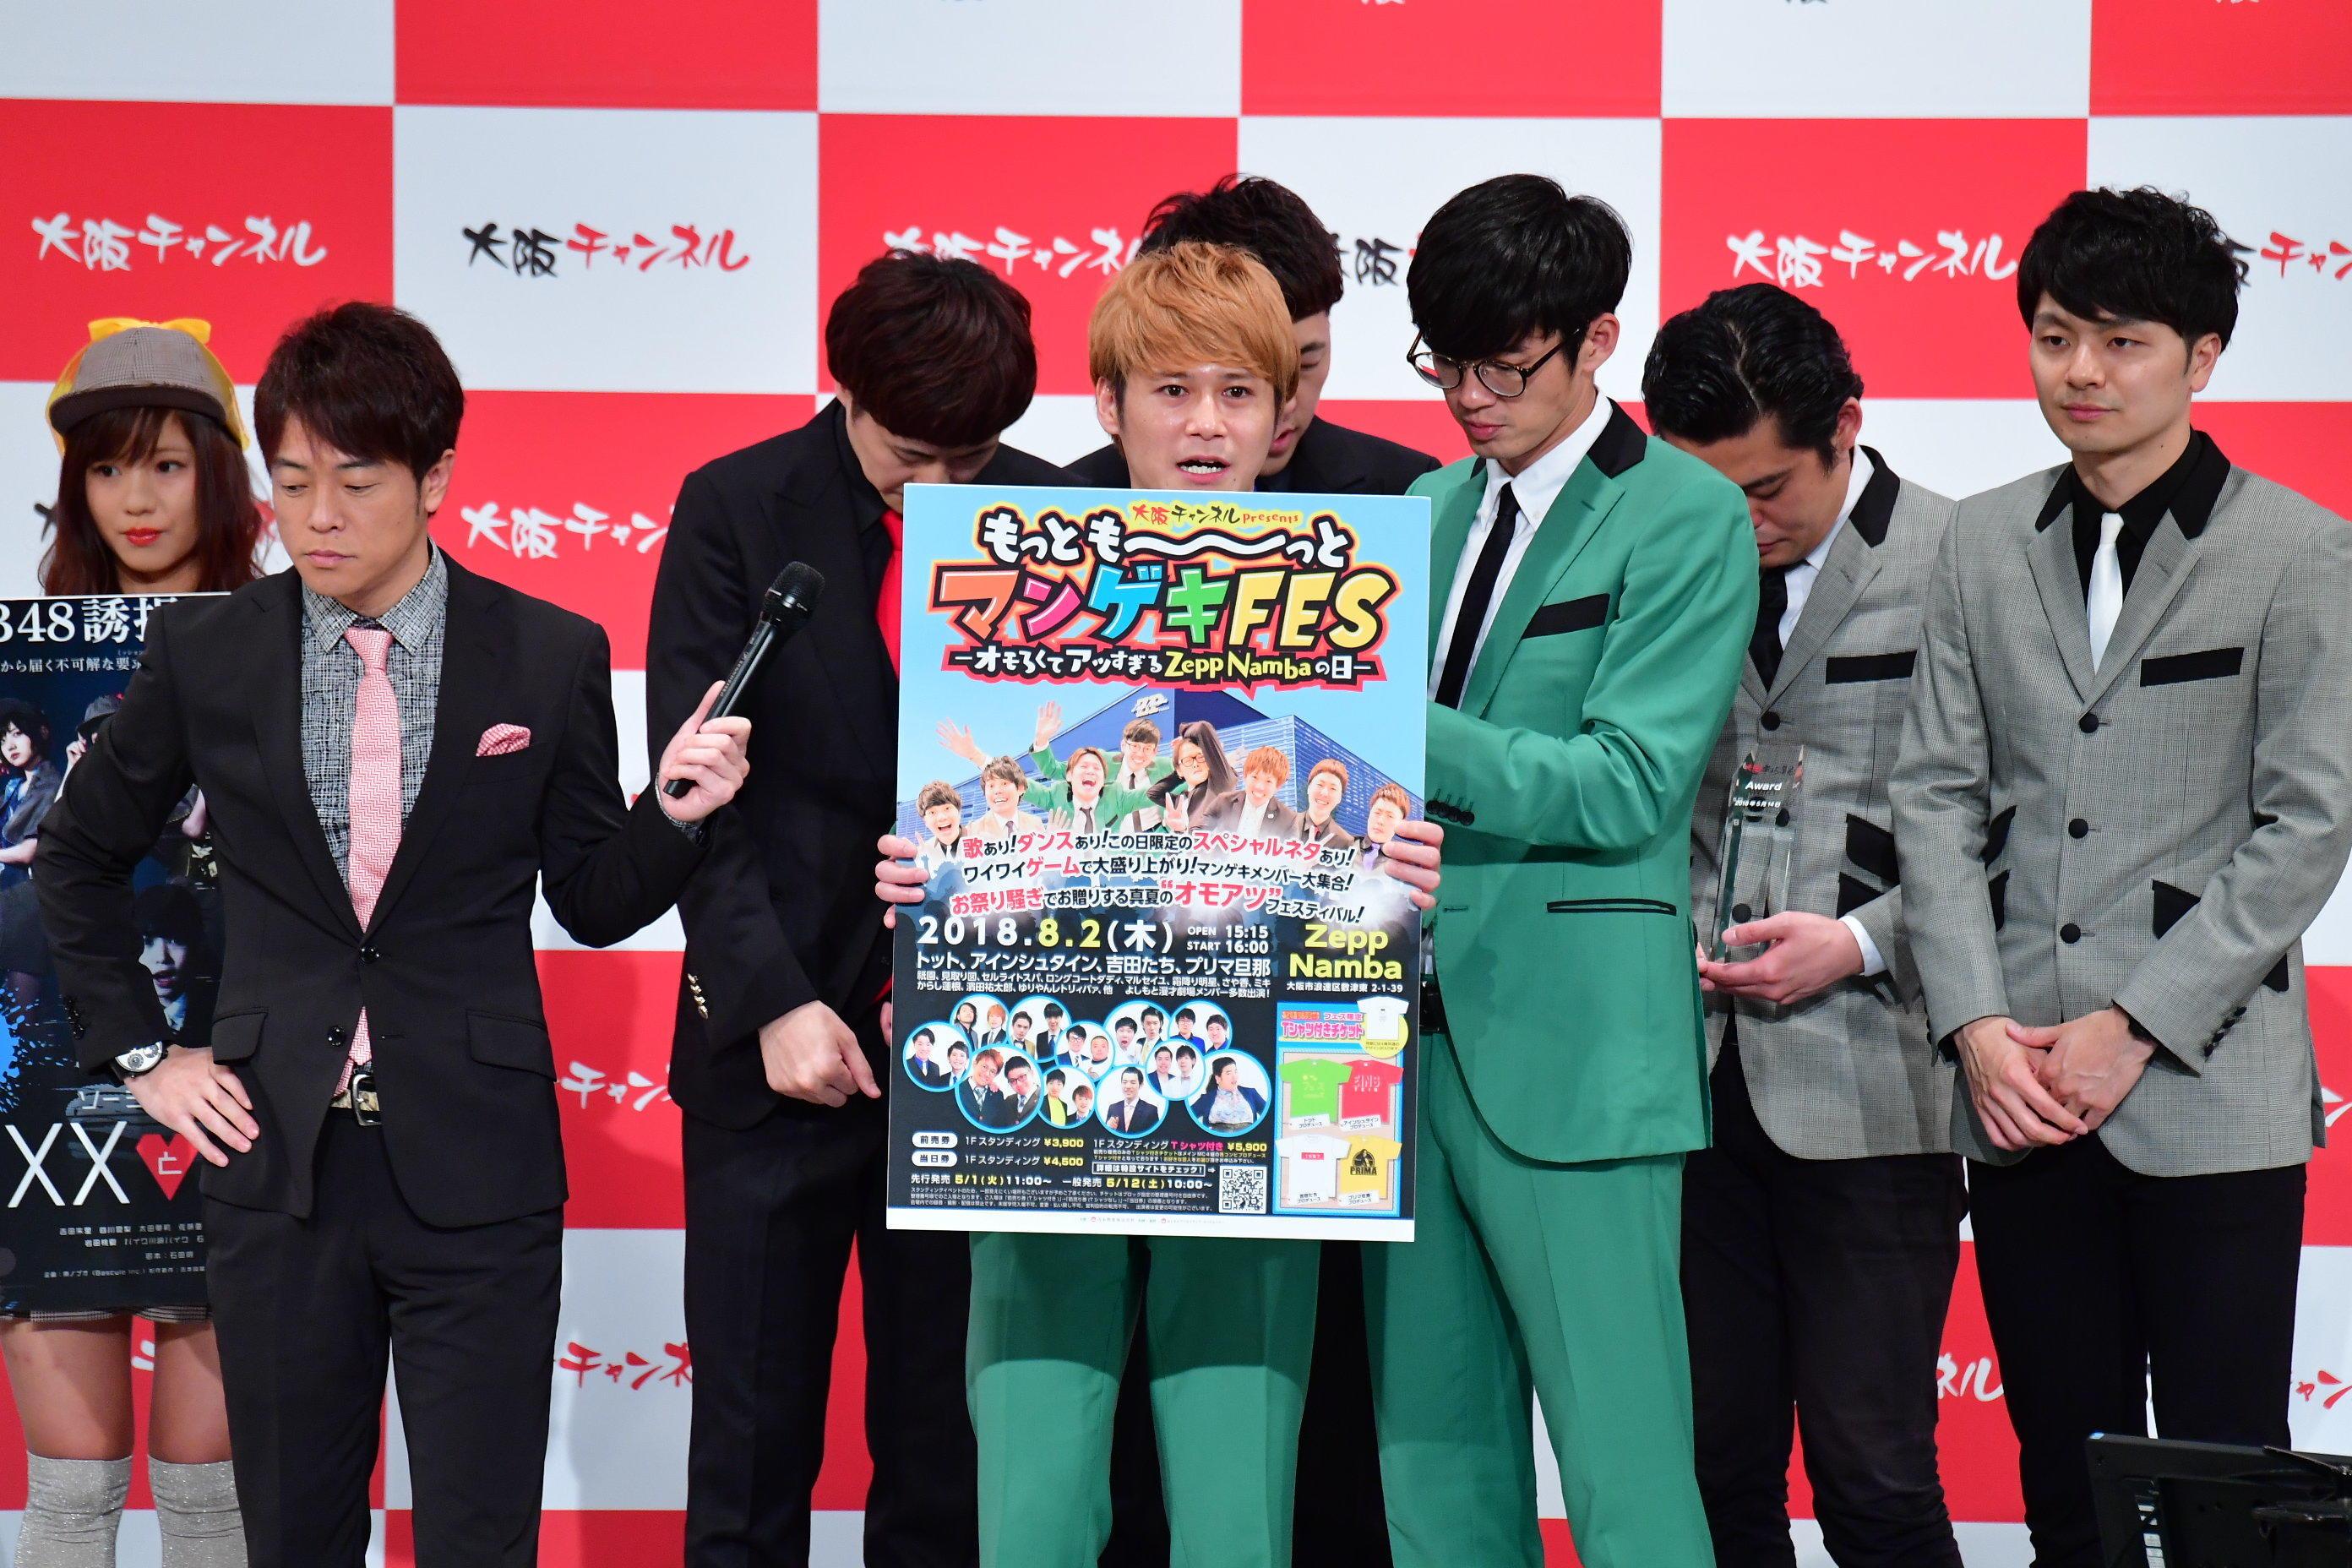 http://news.yoshimoto.co.jp/20180514224342-6238d2f97462fc812b0c0e5431b4e2afe6ccd0ba.jpg